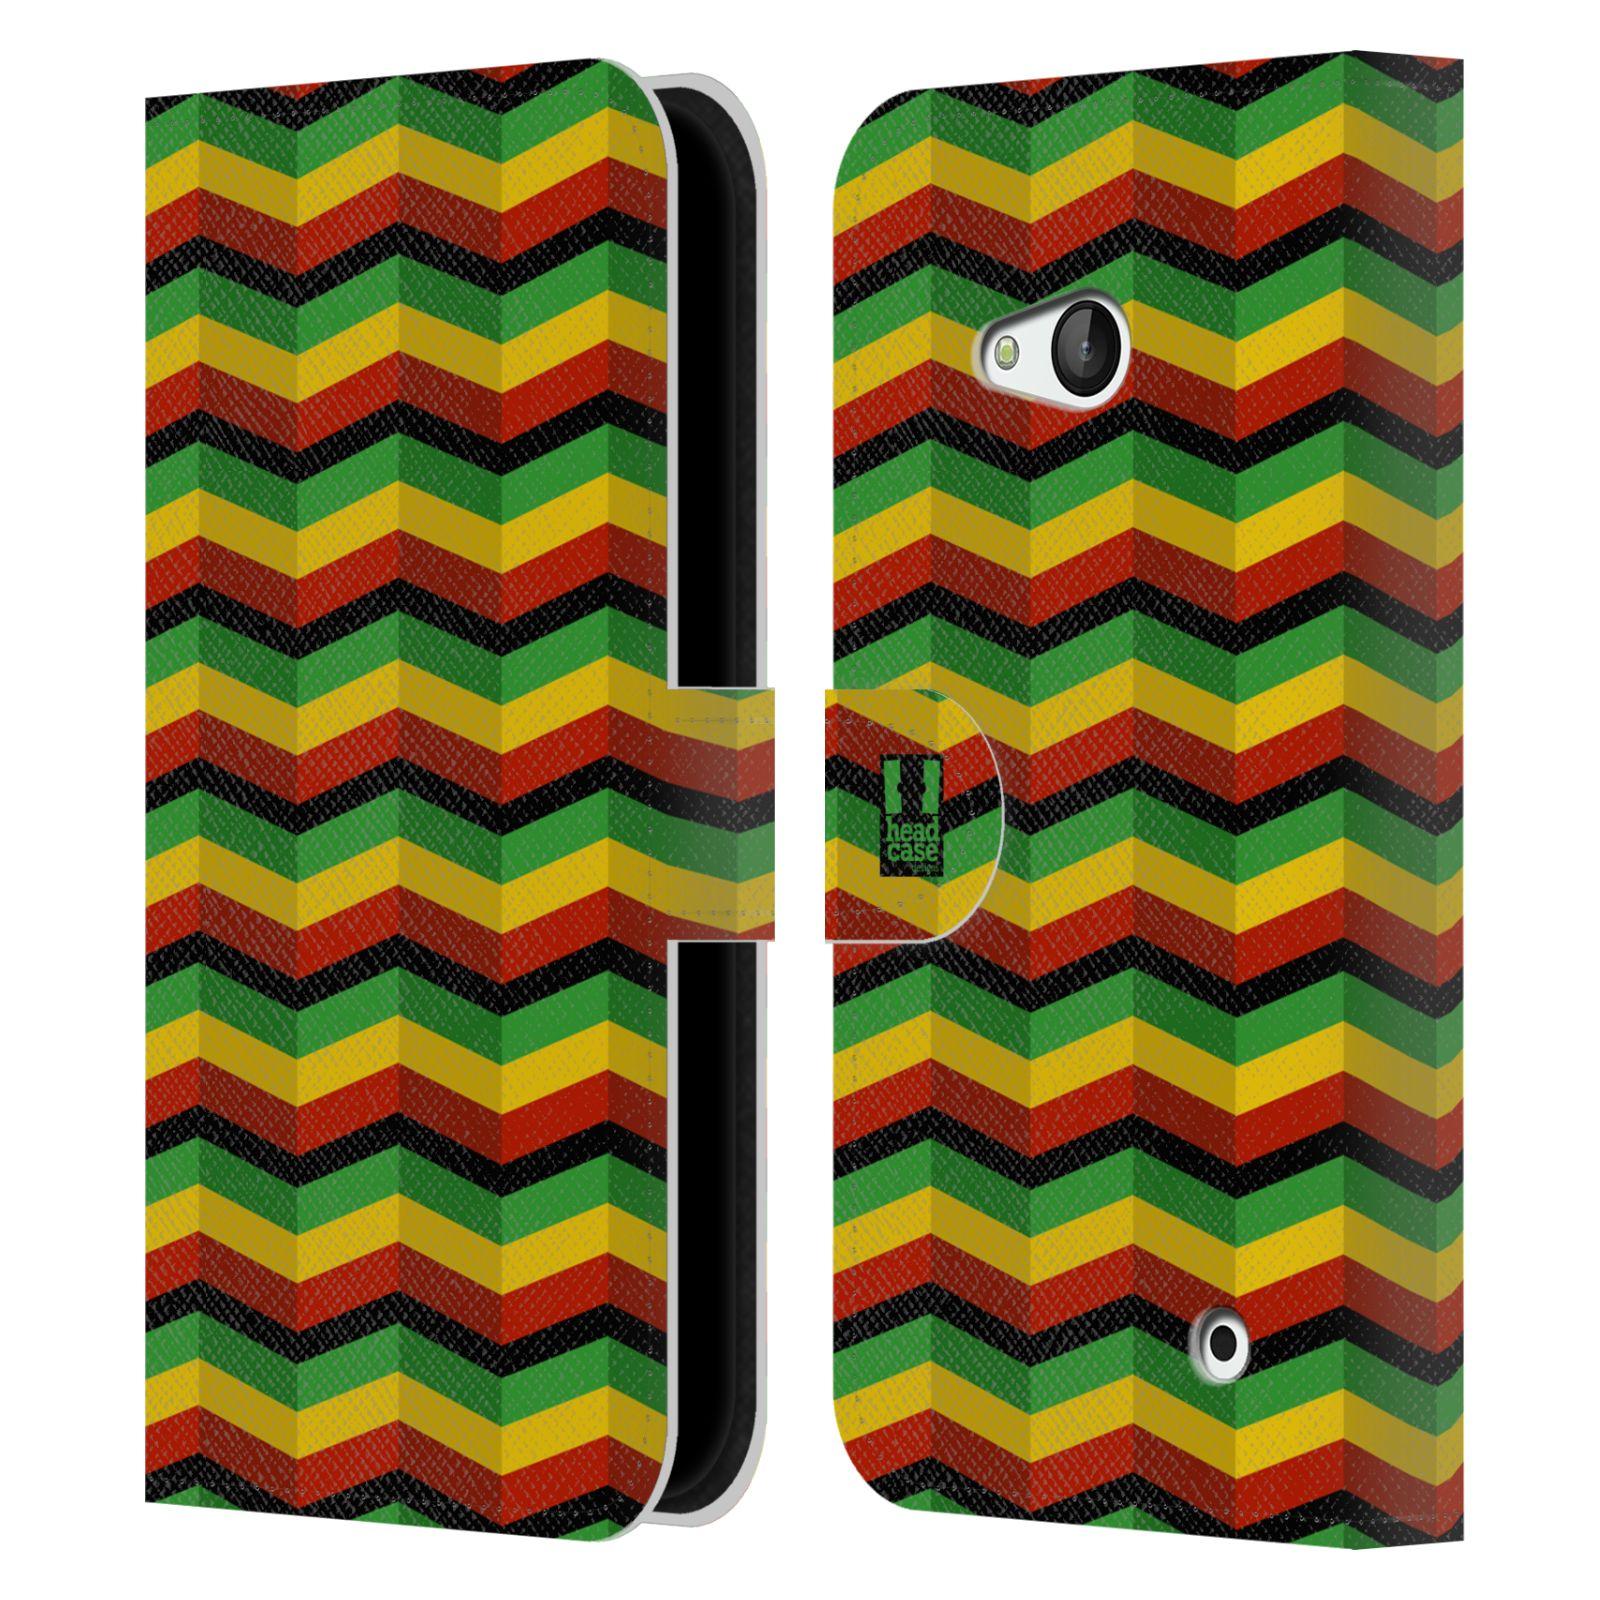 HEAD CASE Flipové pouzdro pro mobil NOKIA / MICROSOFT LUMIA 640 / LUMIA 640 DUAL Rastafariánský motiv Jamajka CHEVRON